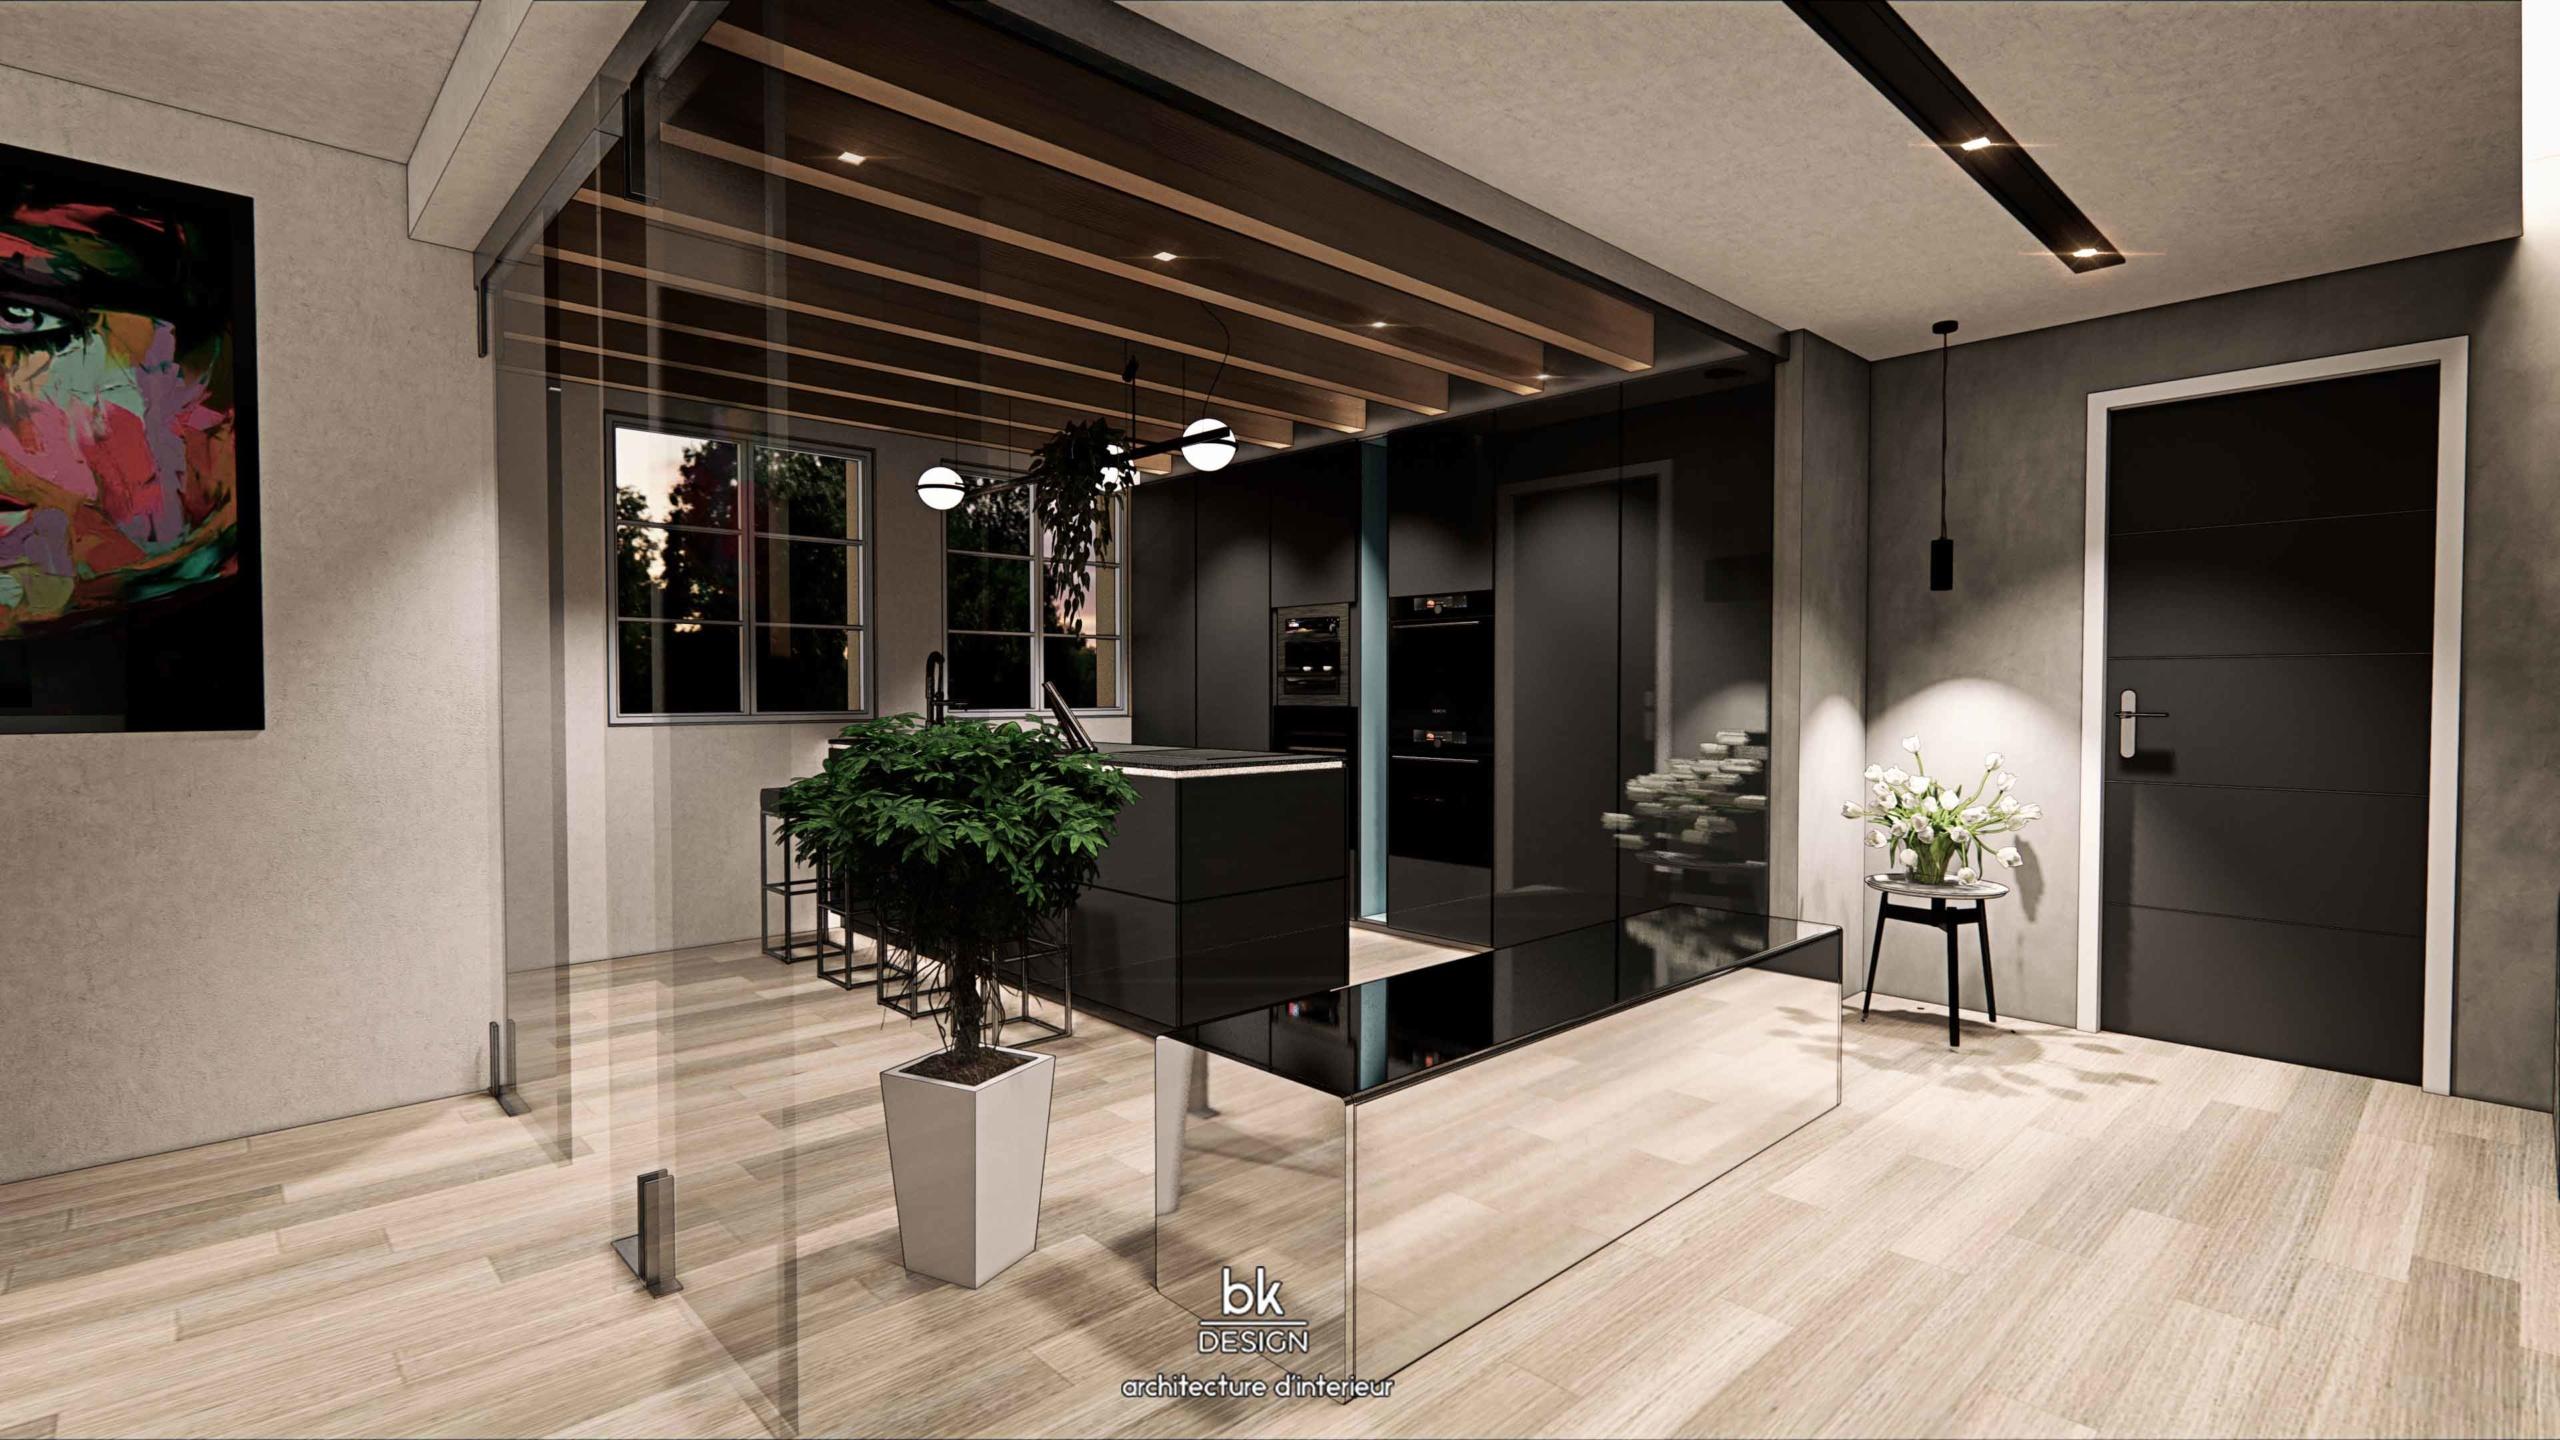 08 bk Design Projet Bizing v1 01 Cuisine